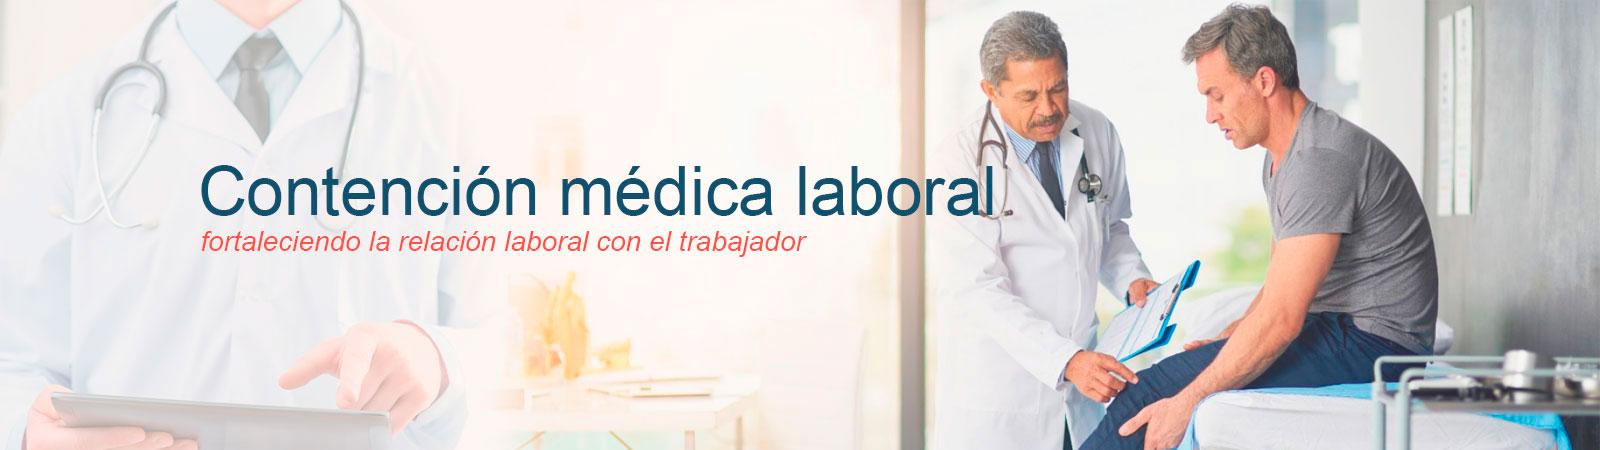 Contención Médica laboral fortaleciendo la relación laboral con el trabajador